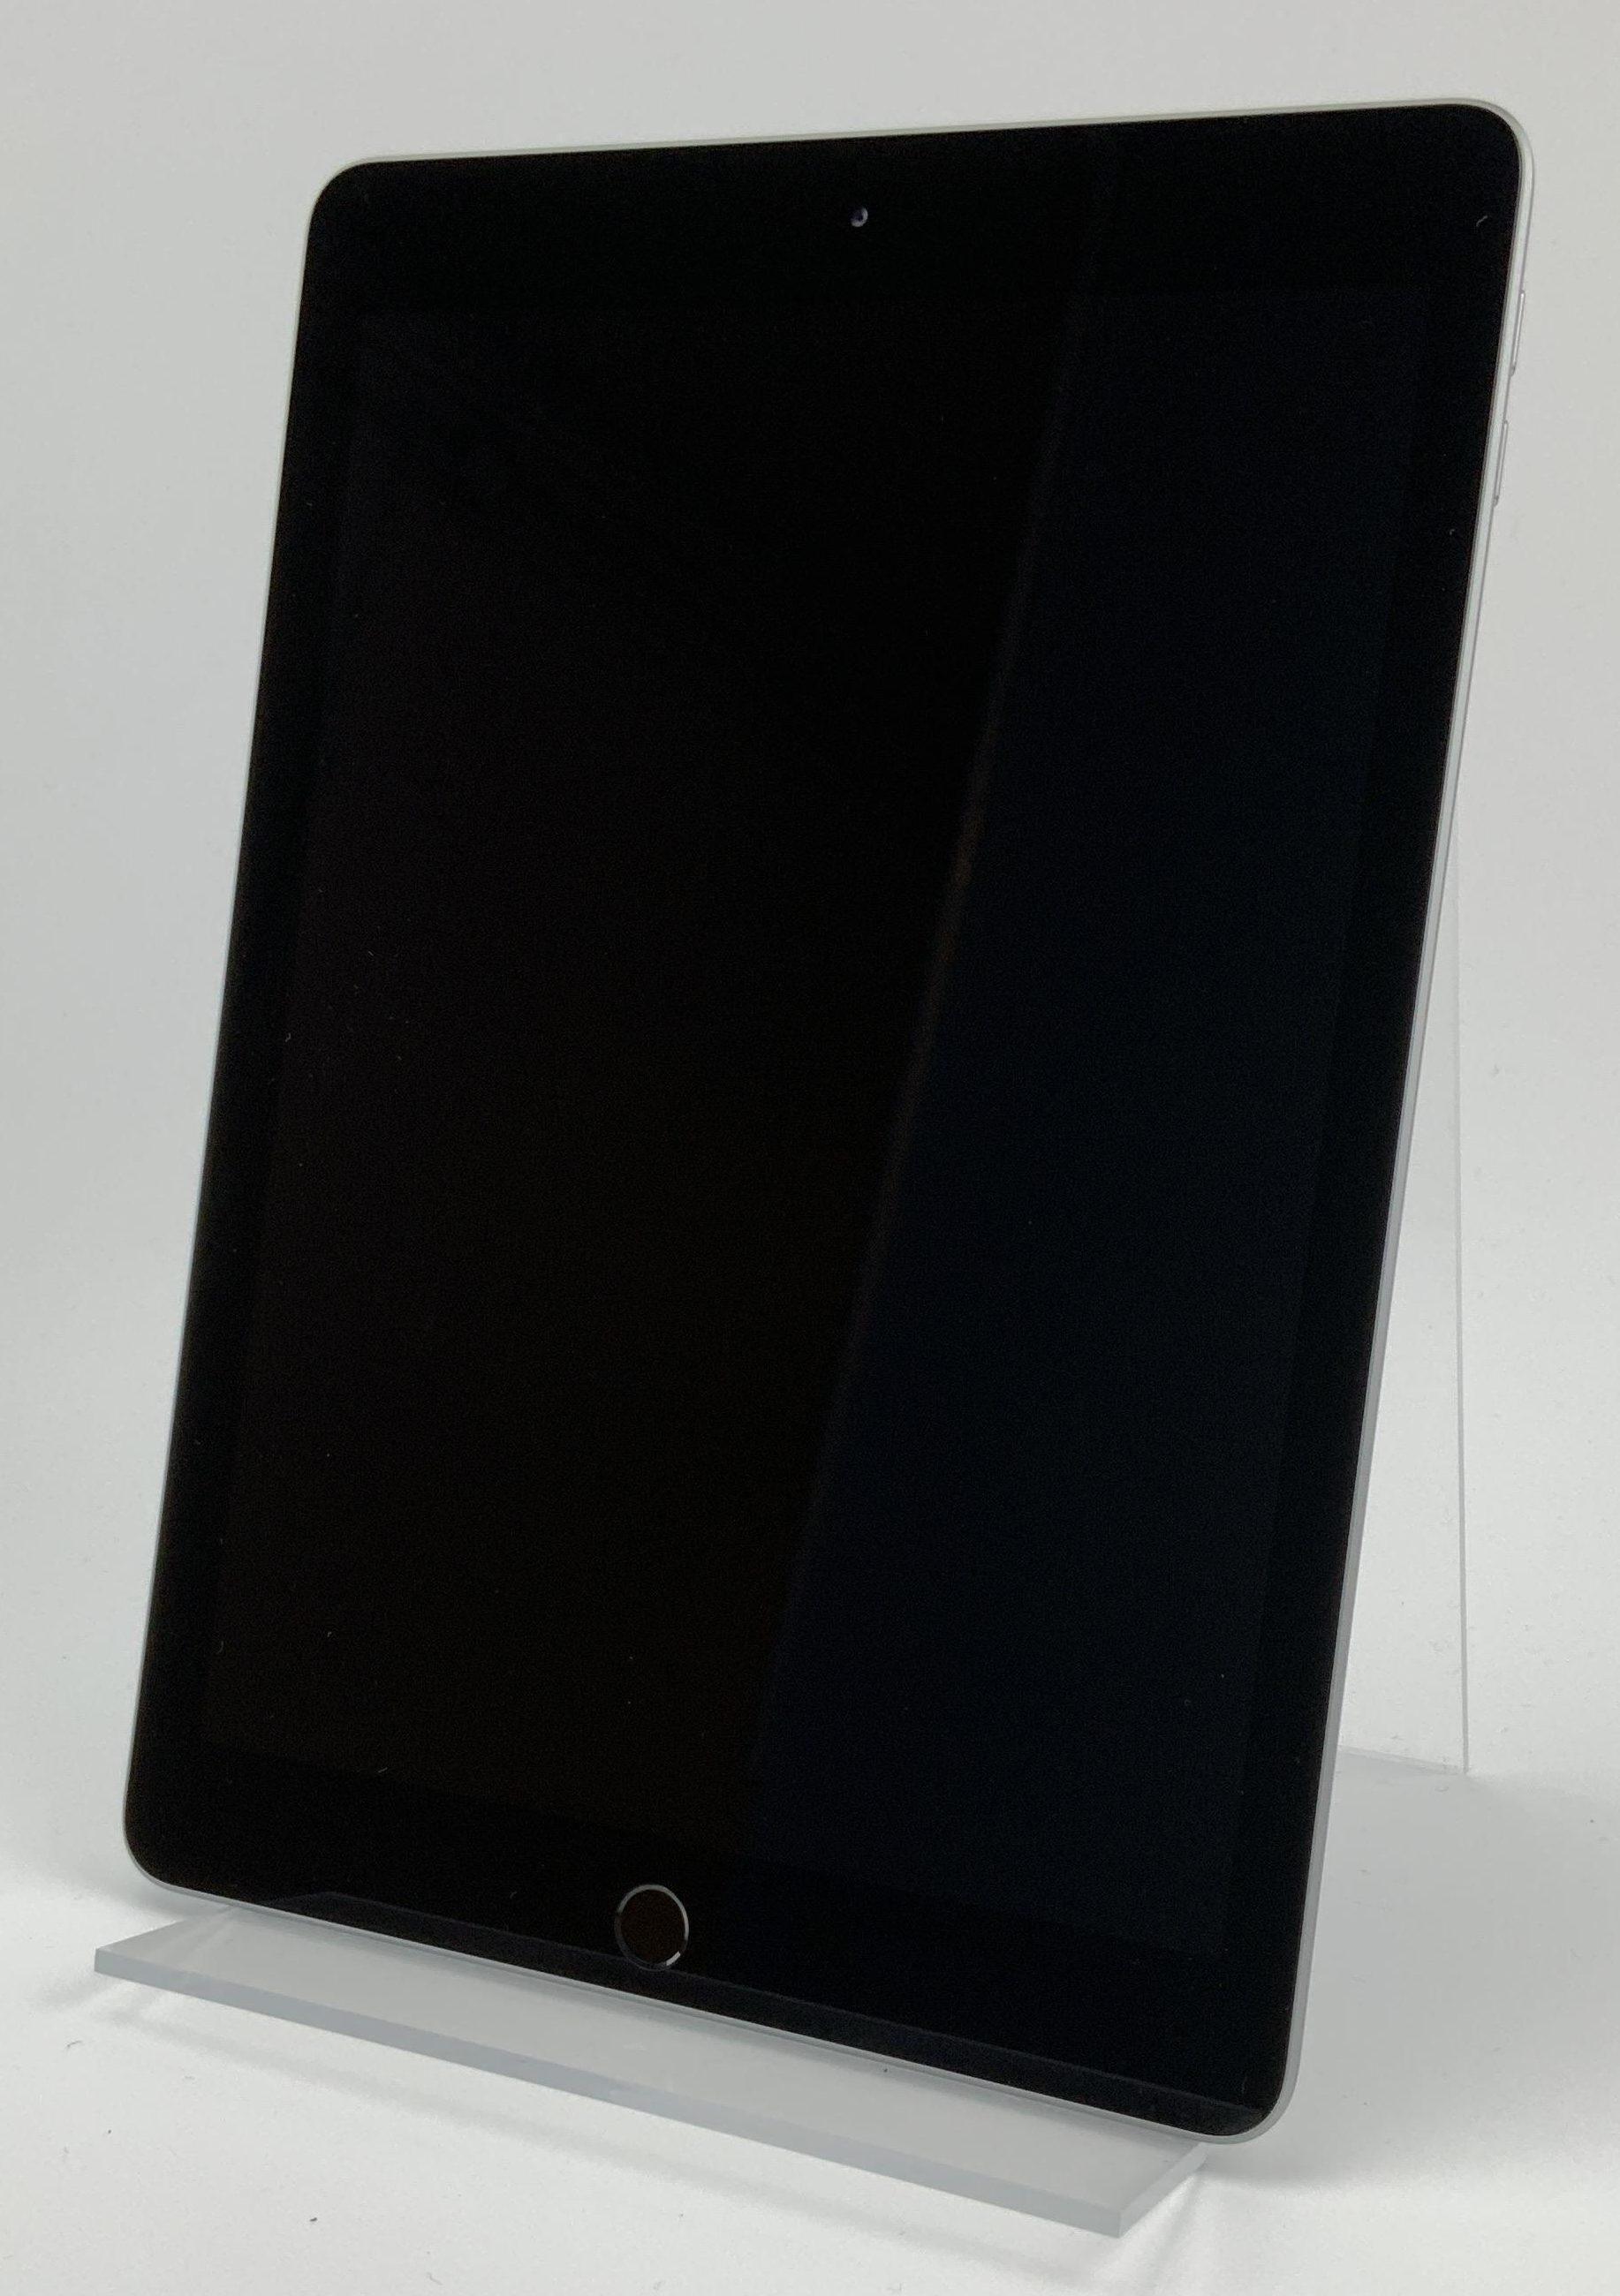 iPad 6 Wi-Fi 128GB, 128GB, Space Gray, Afbeelding 1